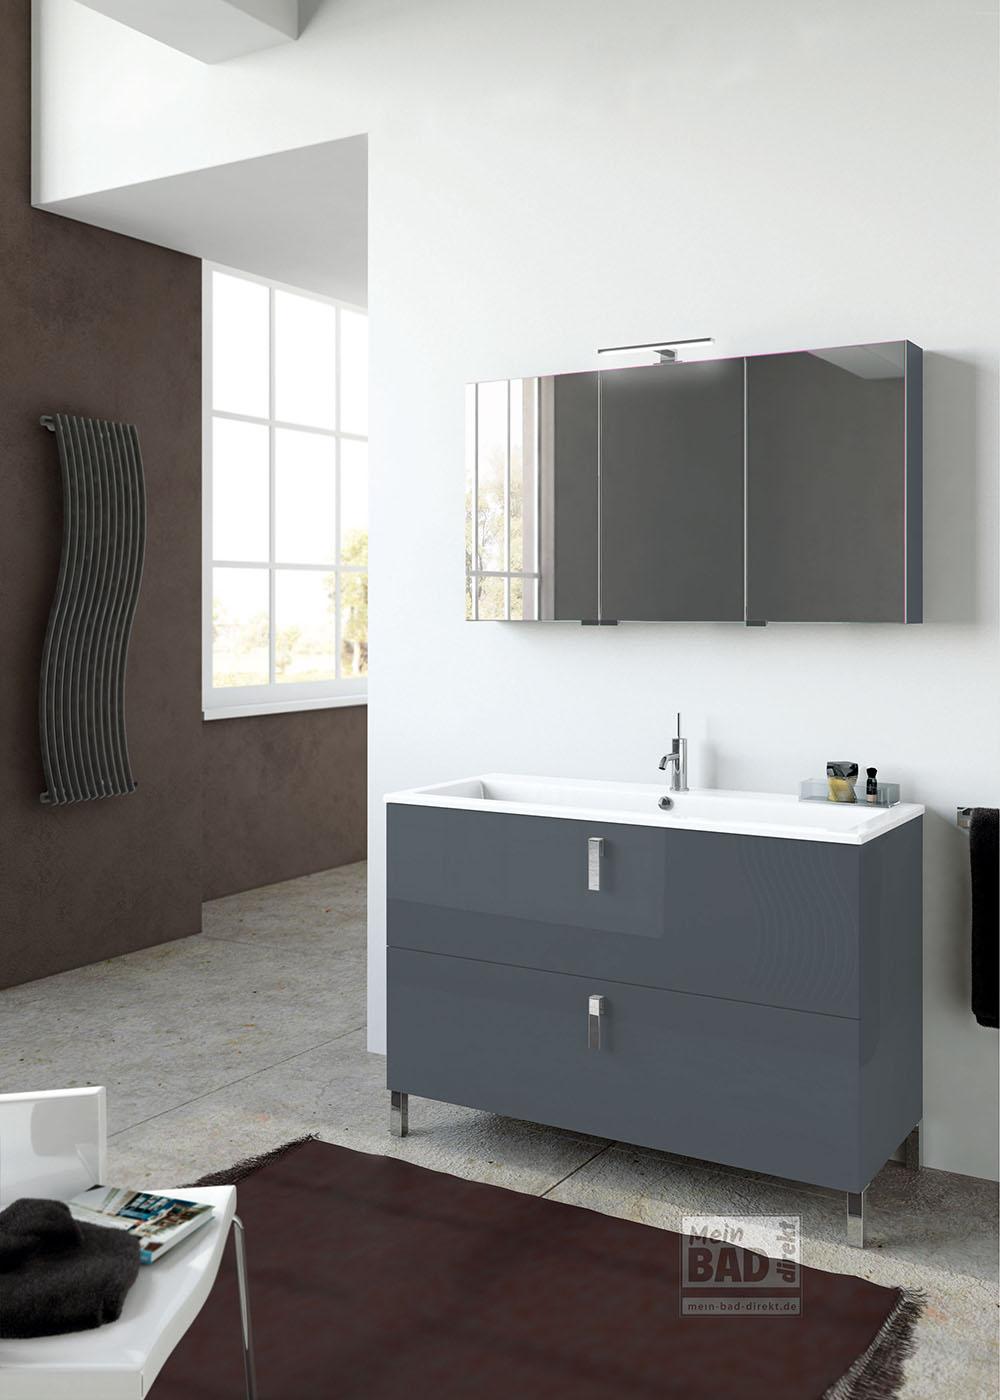 Unglaublich Mein Bad Ideen Von Bodenstehende Badmöbel Mit Waschtisch